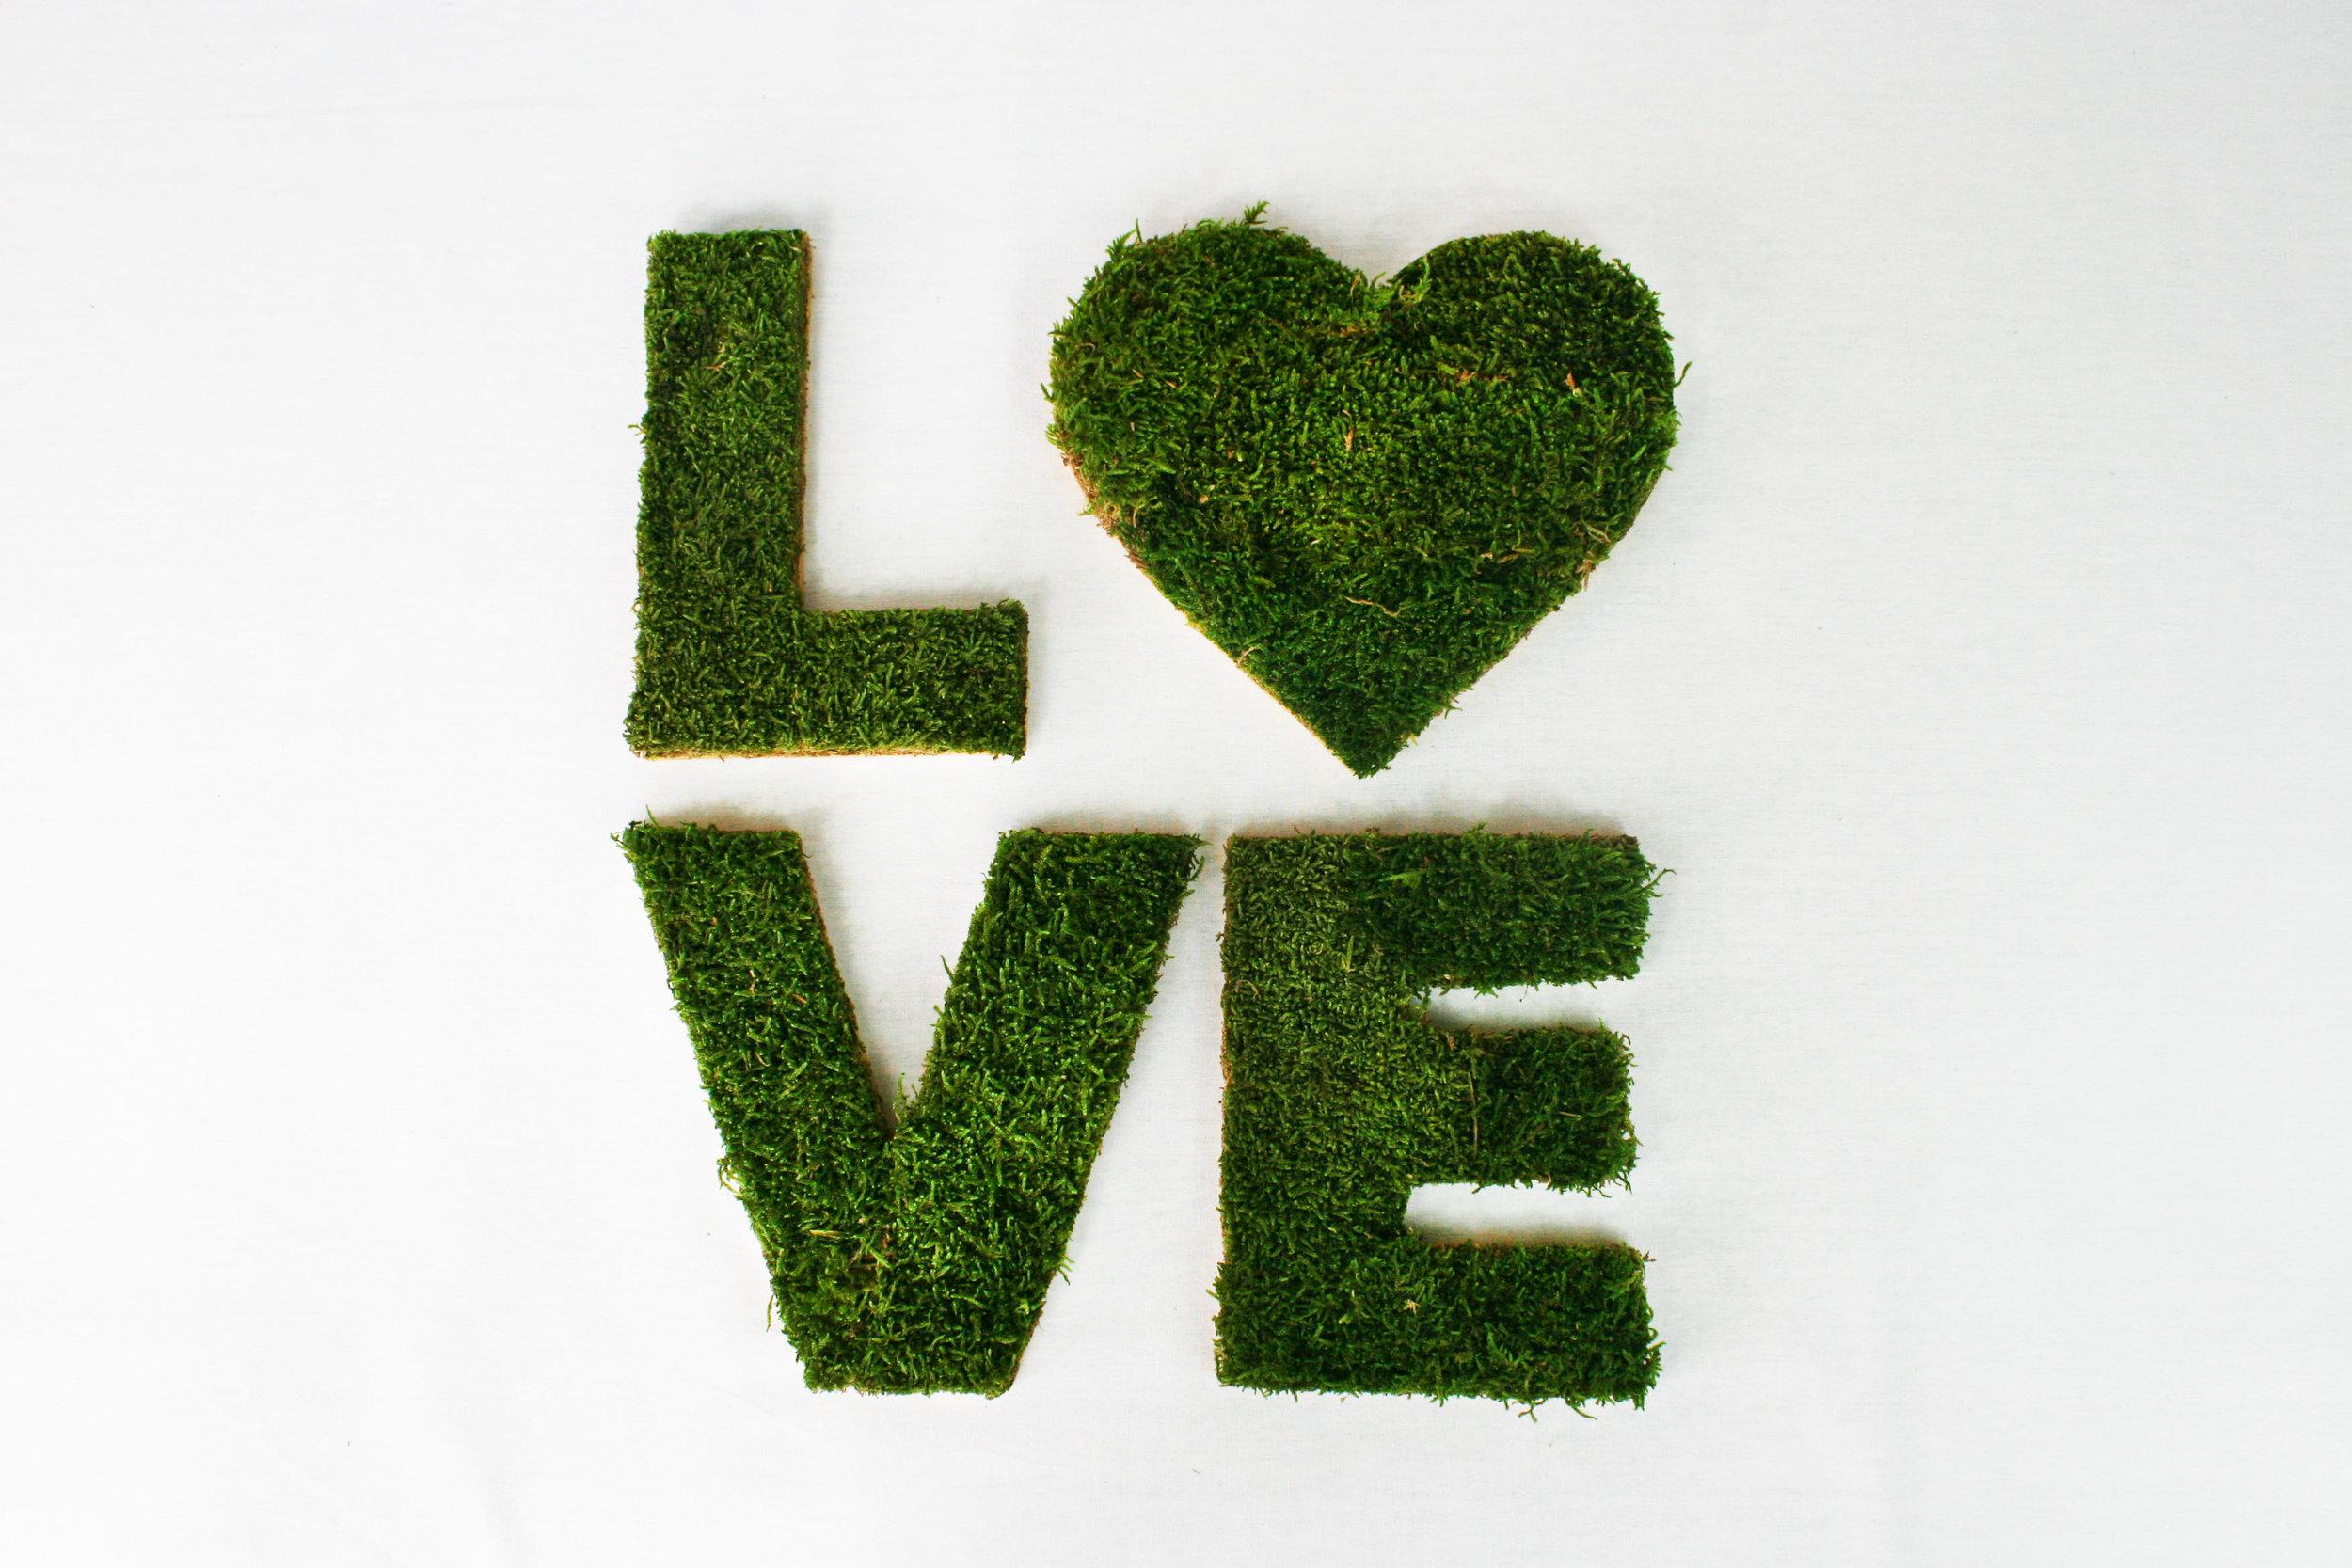 Lettres - Un prénom, un logo, un mot en particulier…Nous créons des lettres de typographie en lichen ou mousse.